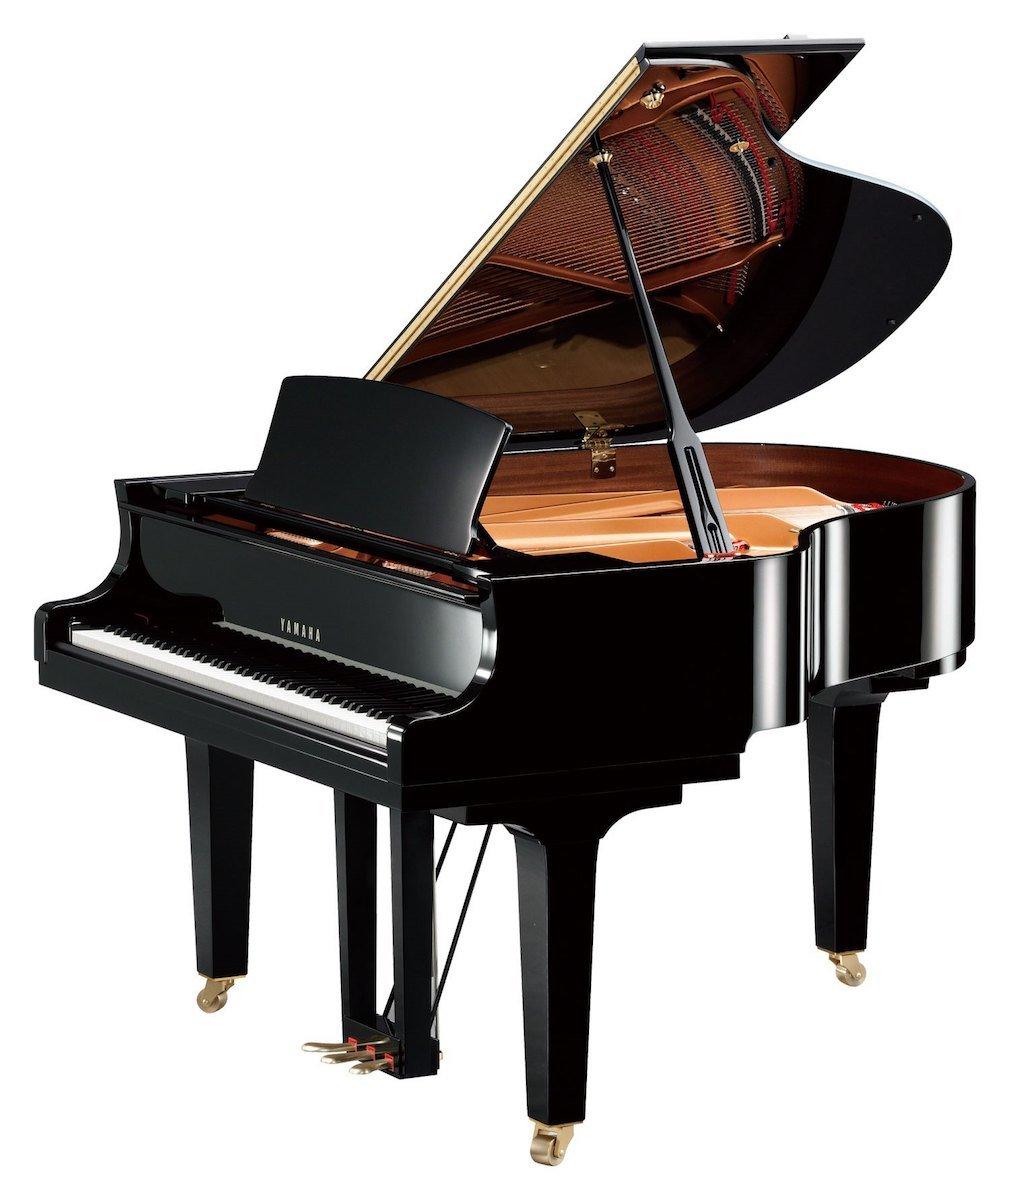 Yamaha Model C1X baby grand piano